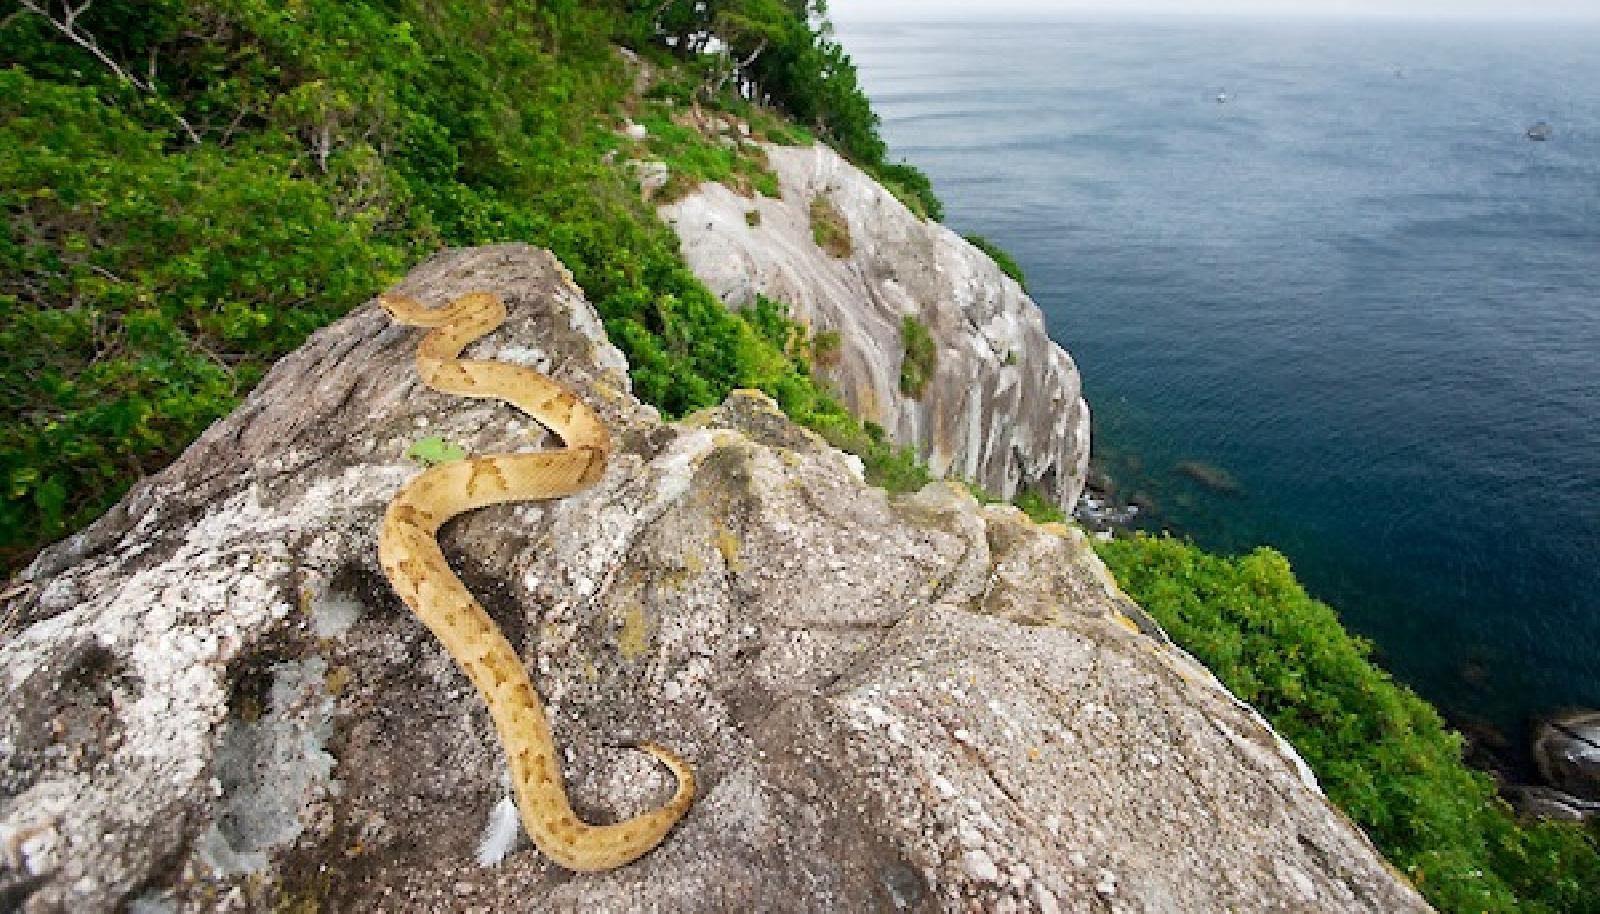 جزيرة الأفاعي أخطر جزيرة في العالم